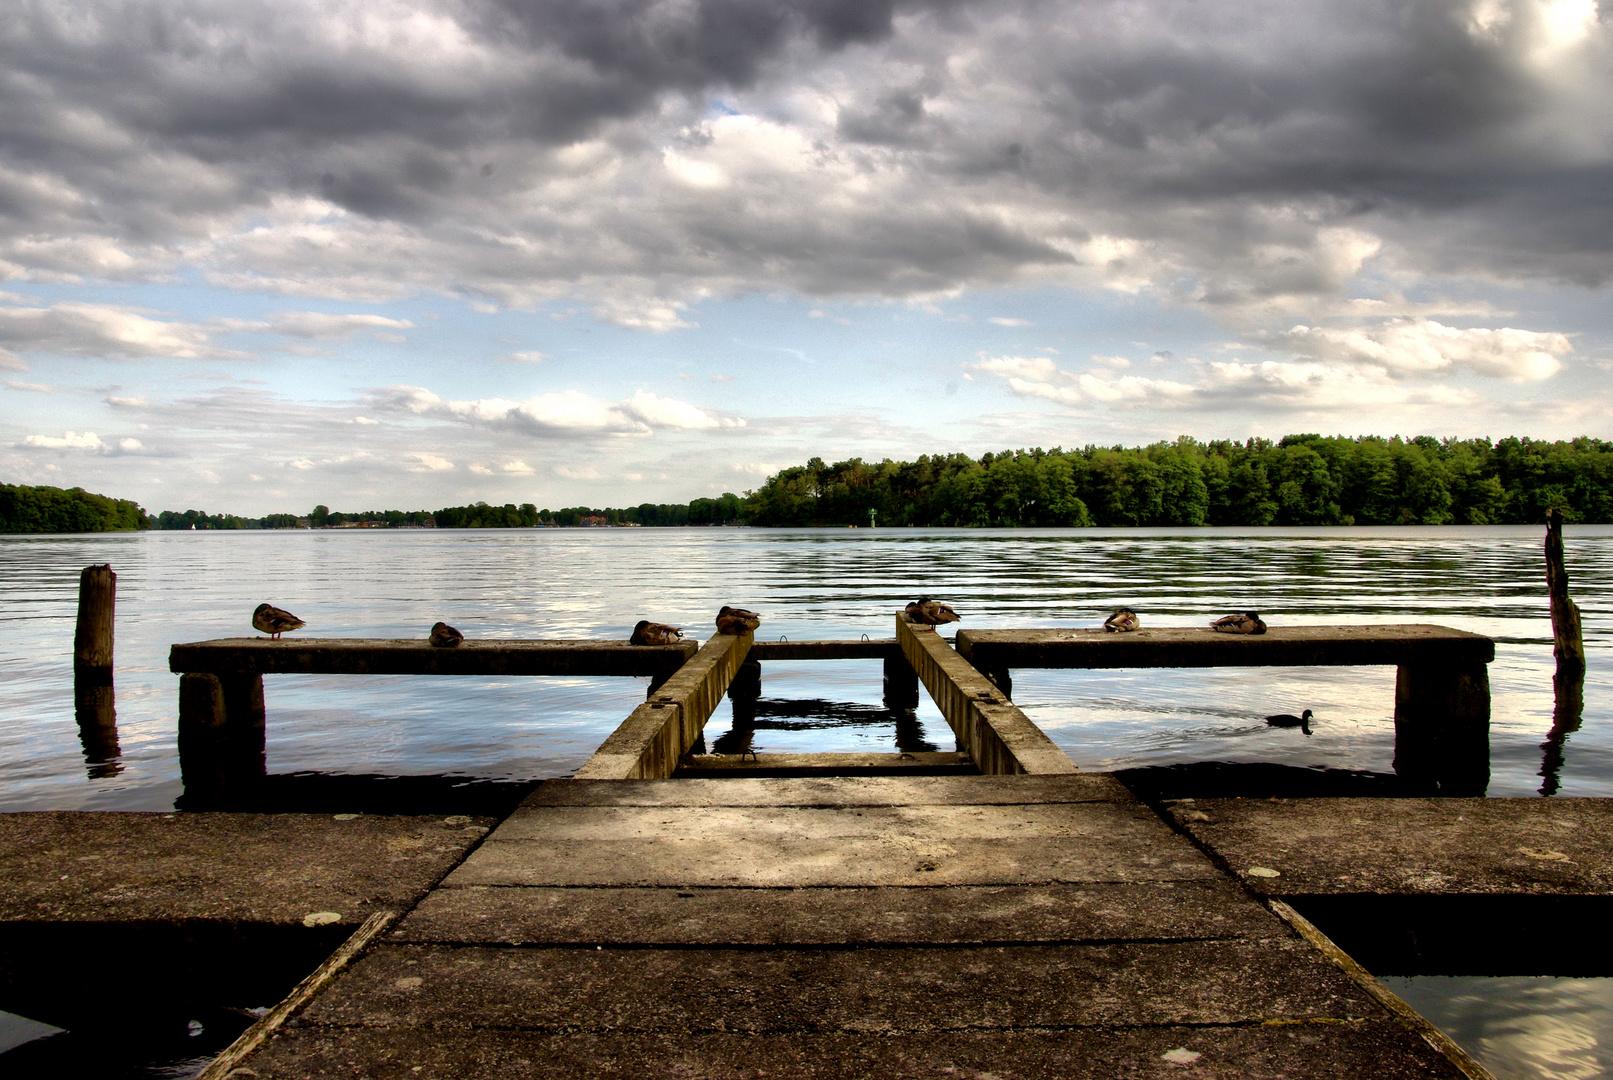 Steg am Langen See